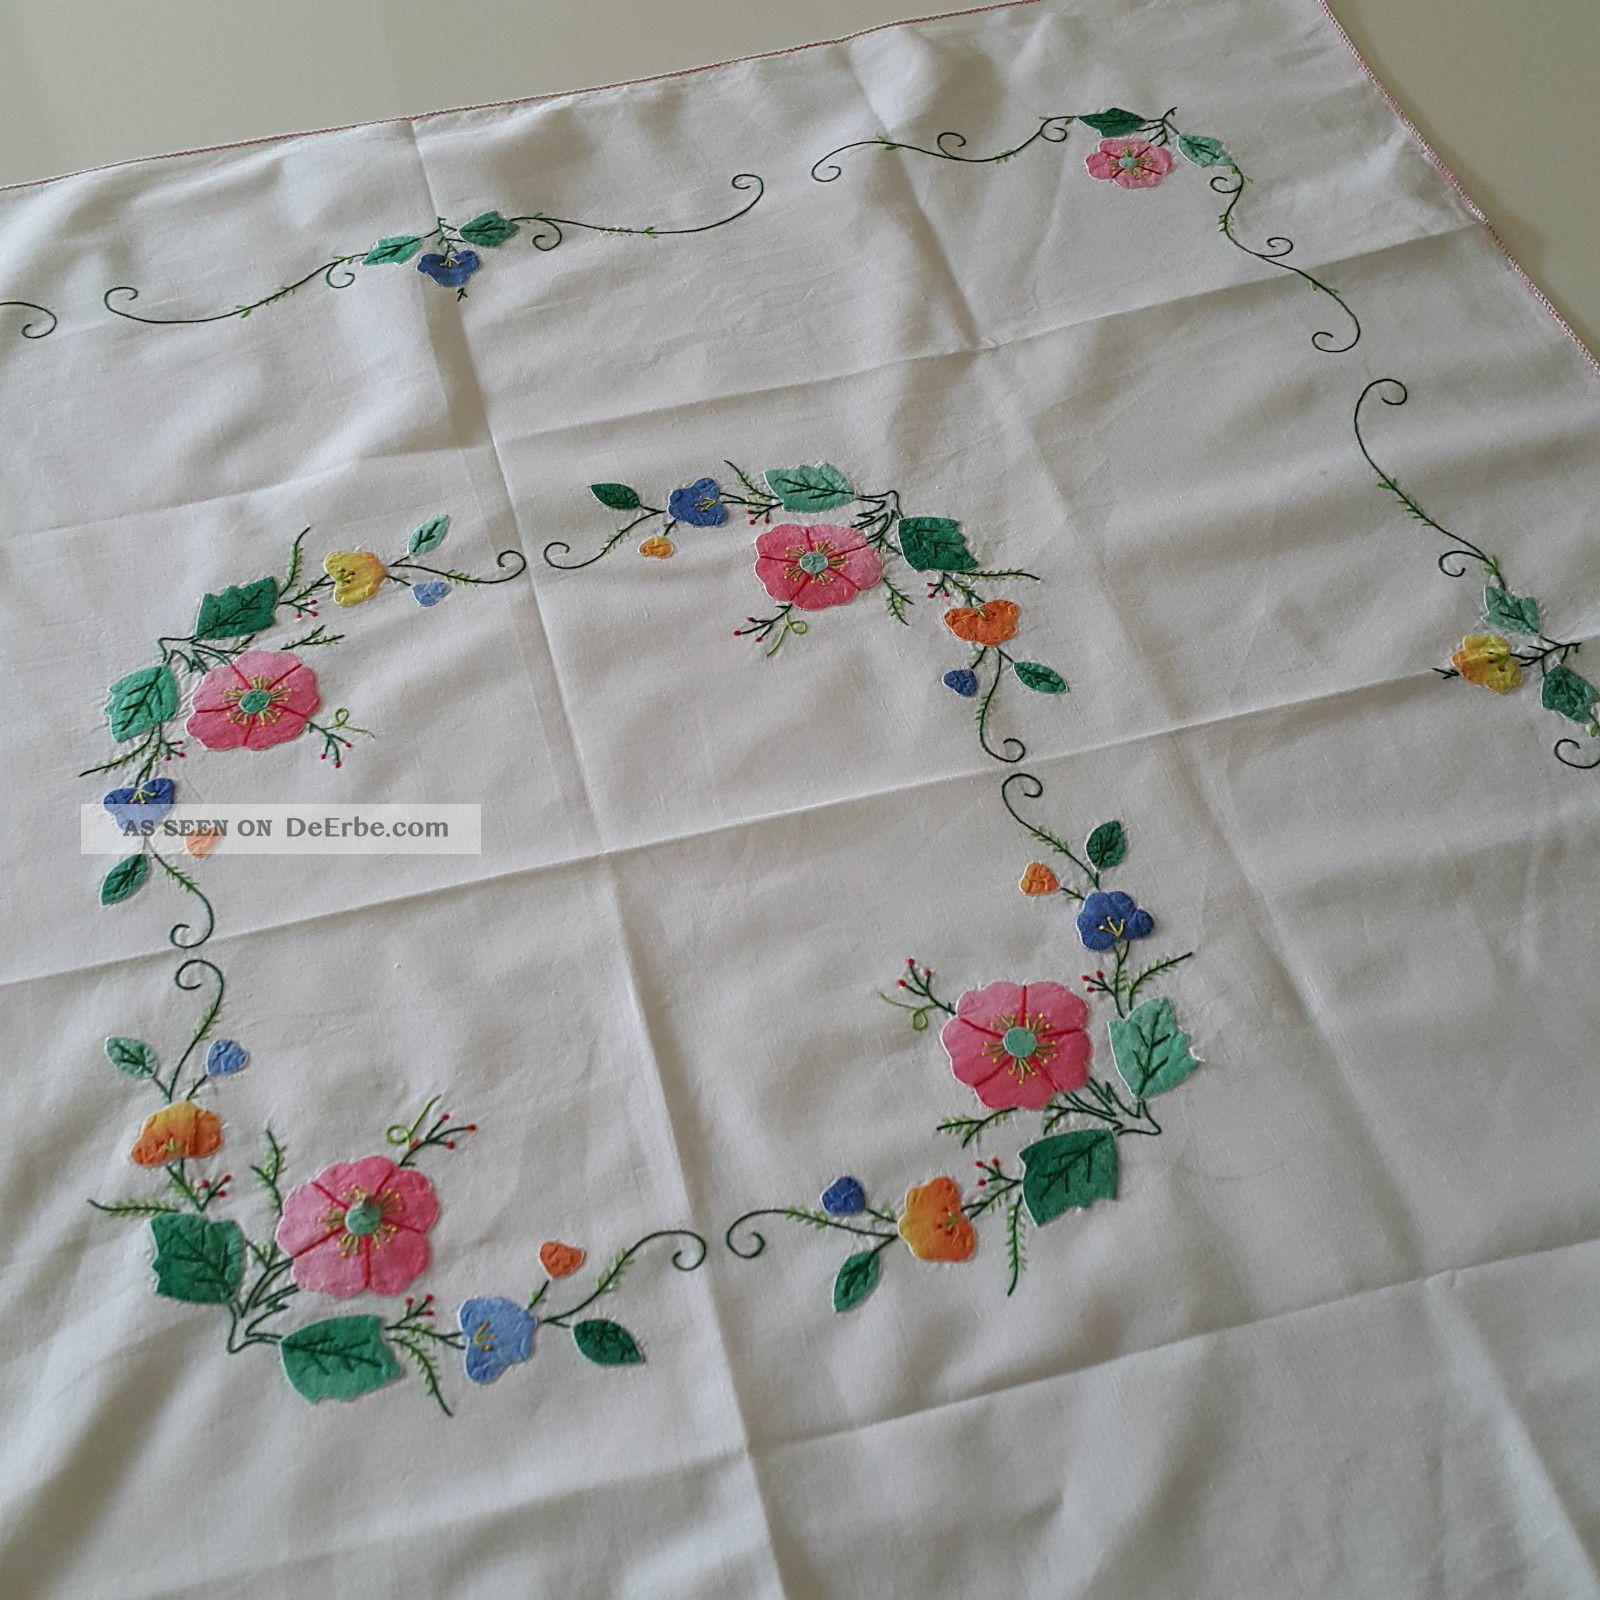 Mitteldecke Vintage 82x86 Cm Leinen Frühling Blumenkranz Blumen Farbenfroh Tischdecken Bild